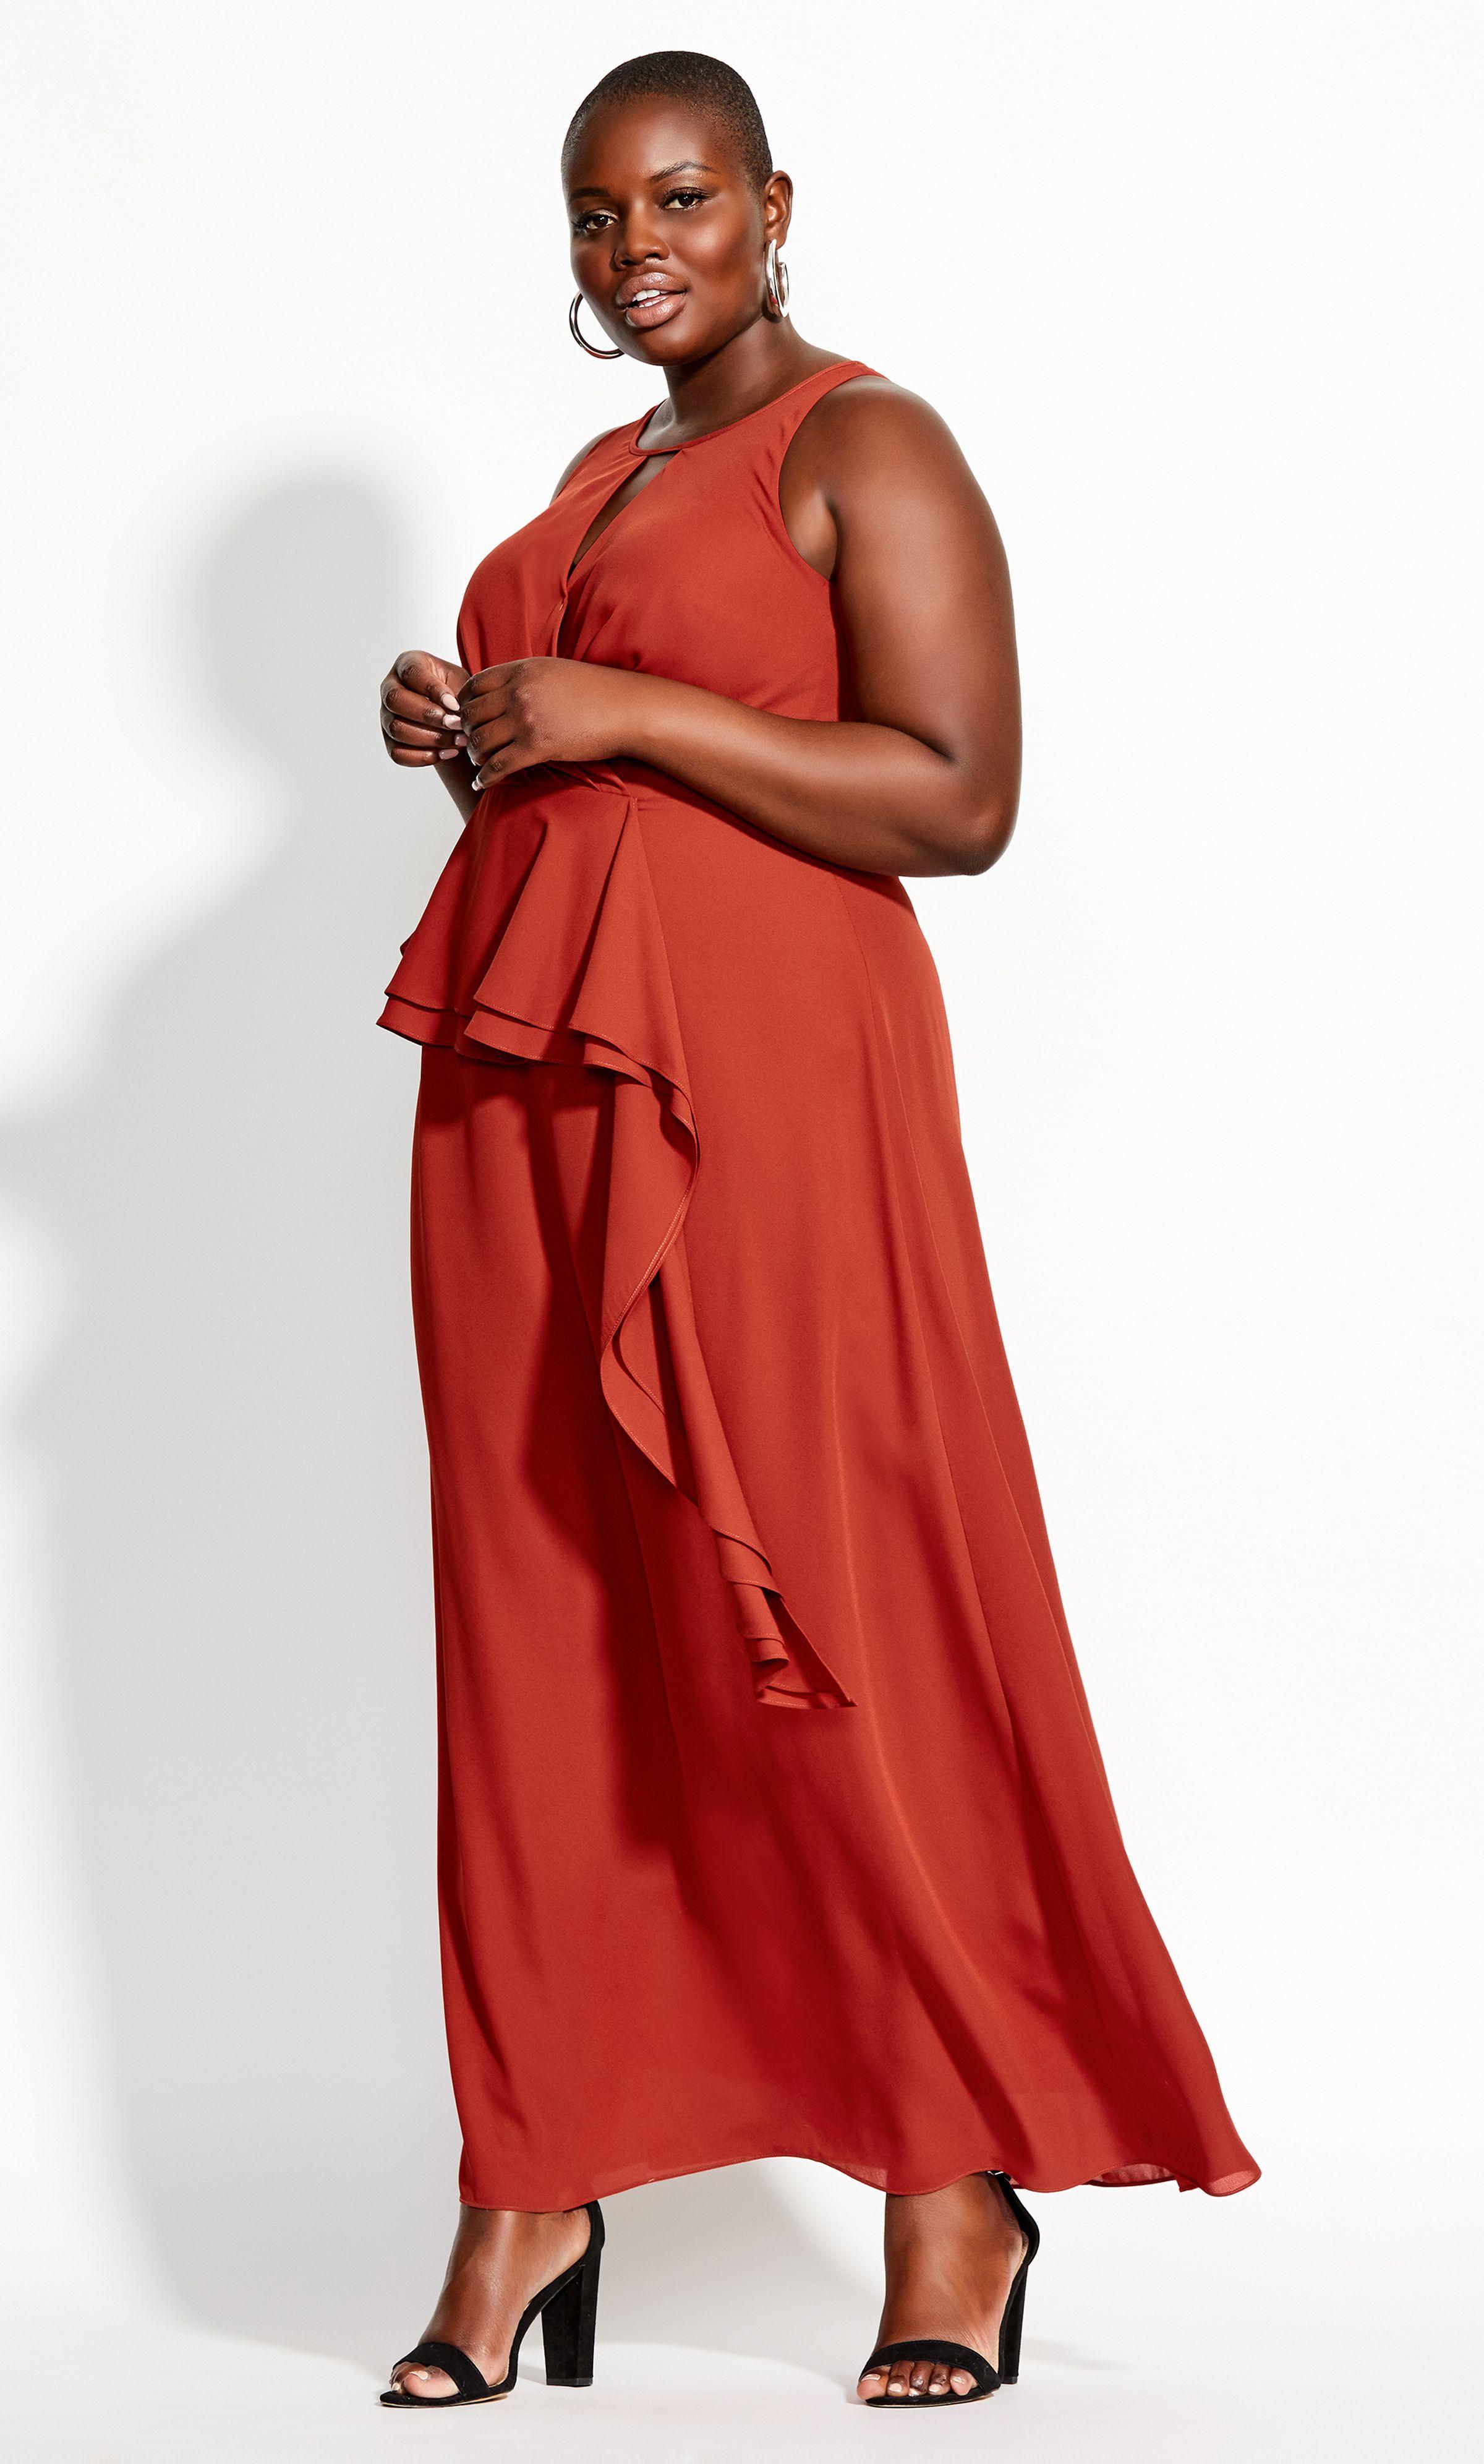 Cascade Skirt Maxi Dress Rust In 2020 Maxi Dress Rust Dress Dresses